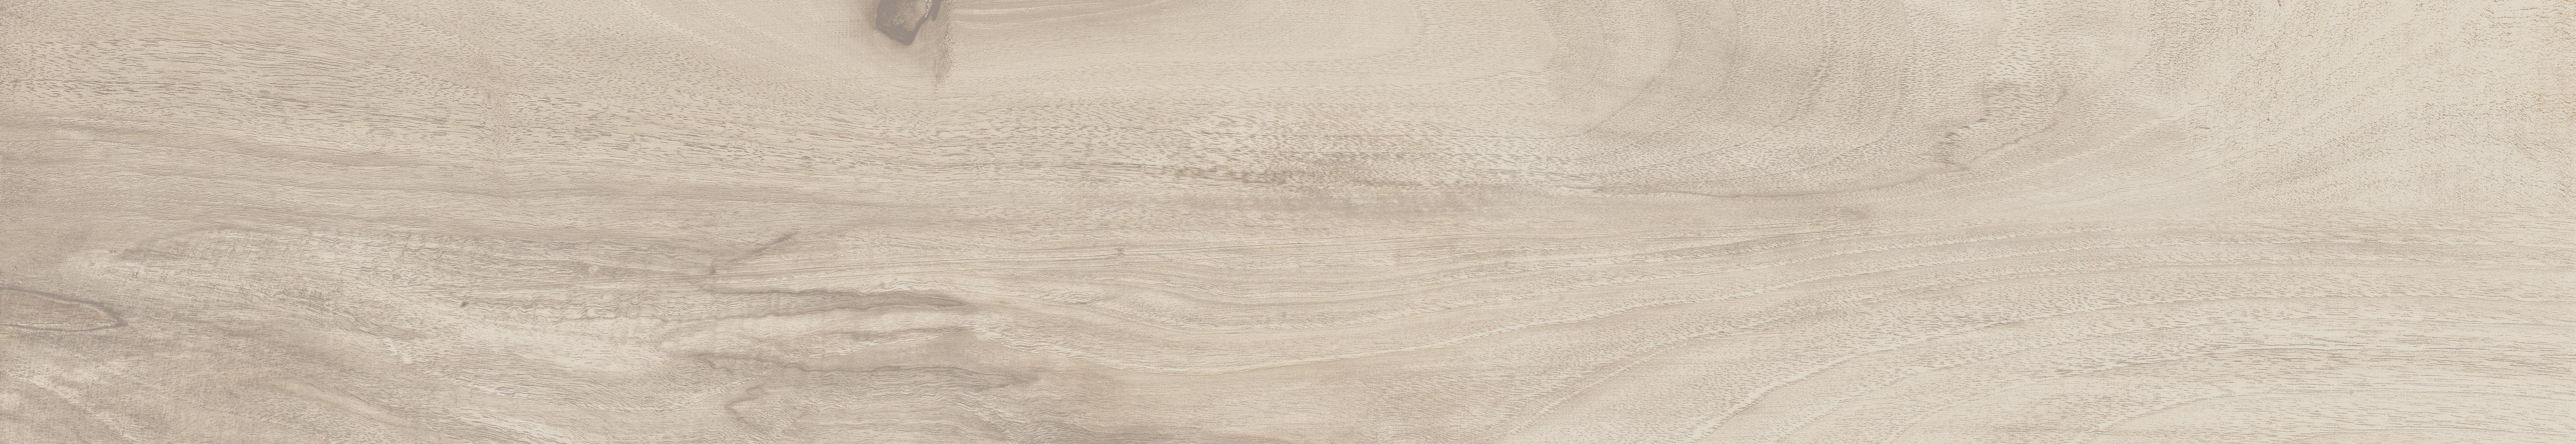 Плитка Allwood Bianco (zzxwu1r) изображение 2